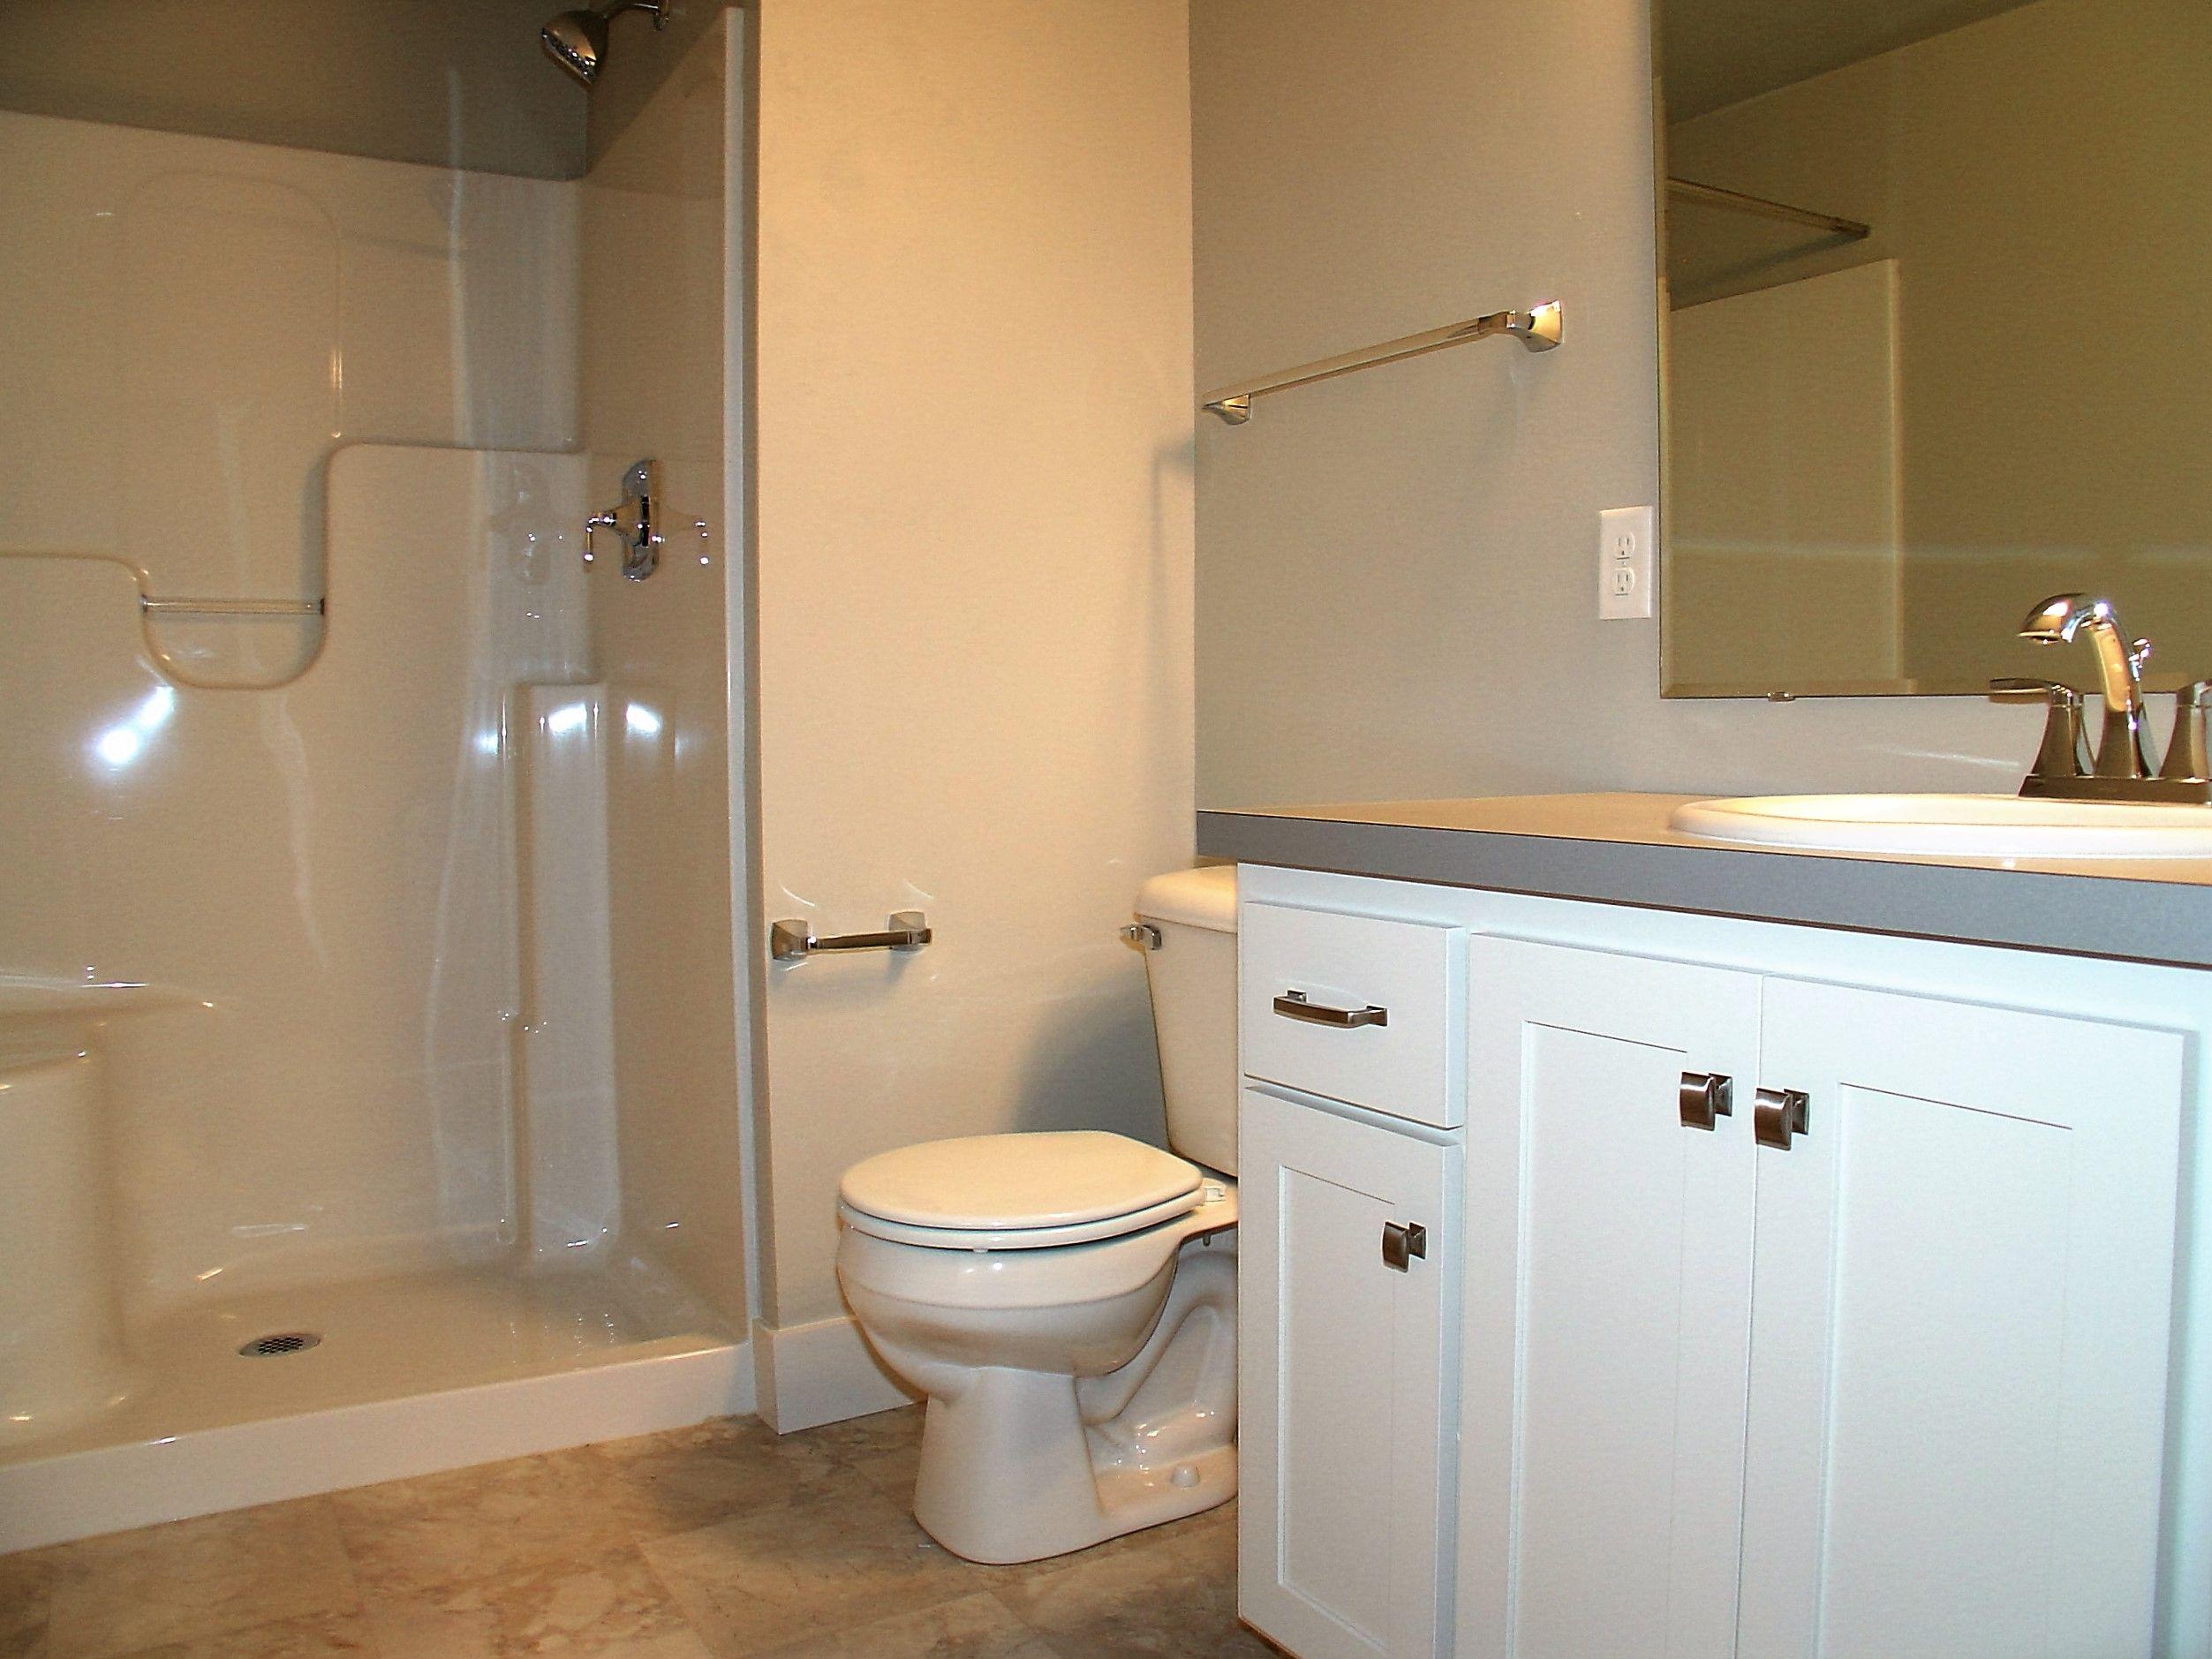 #Bathroom #BathroomCabinets #BathroomLighting #BathroomMirrors #Shower #Sink